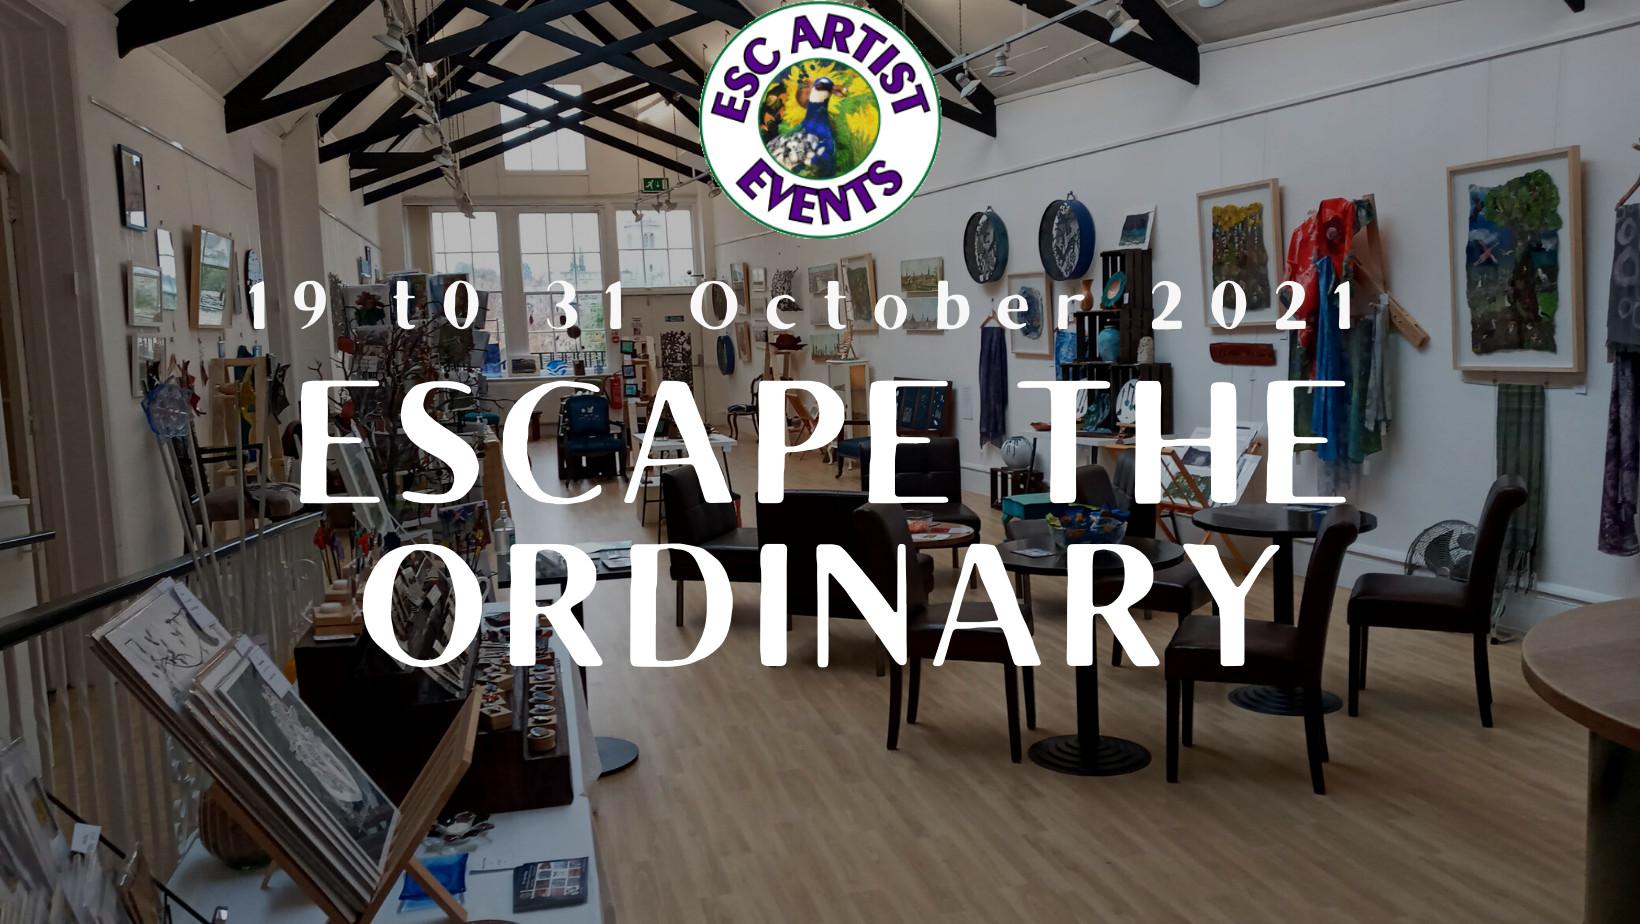 Escape the Ordinary 2021